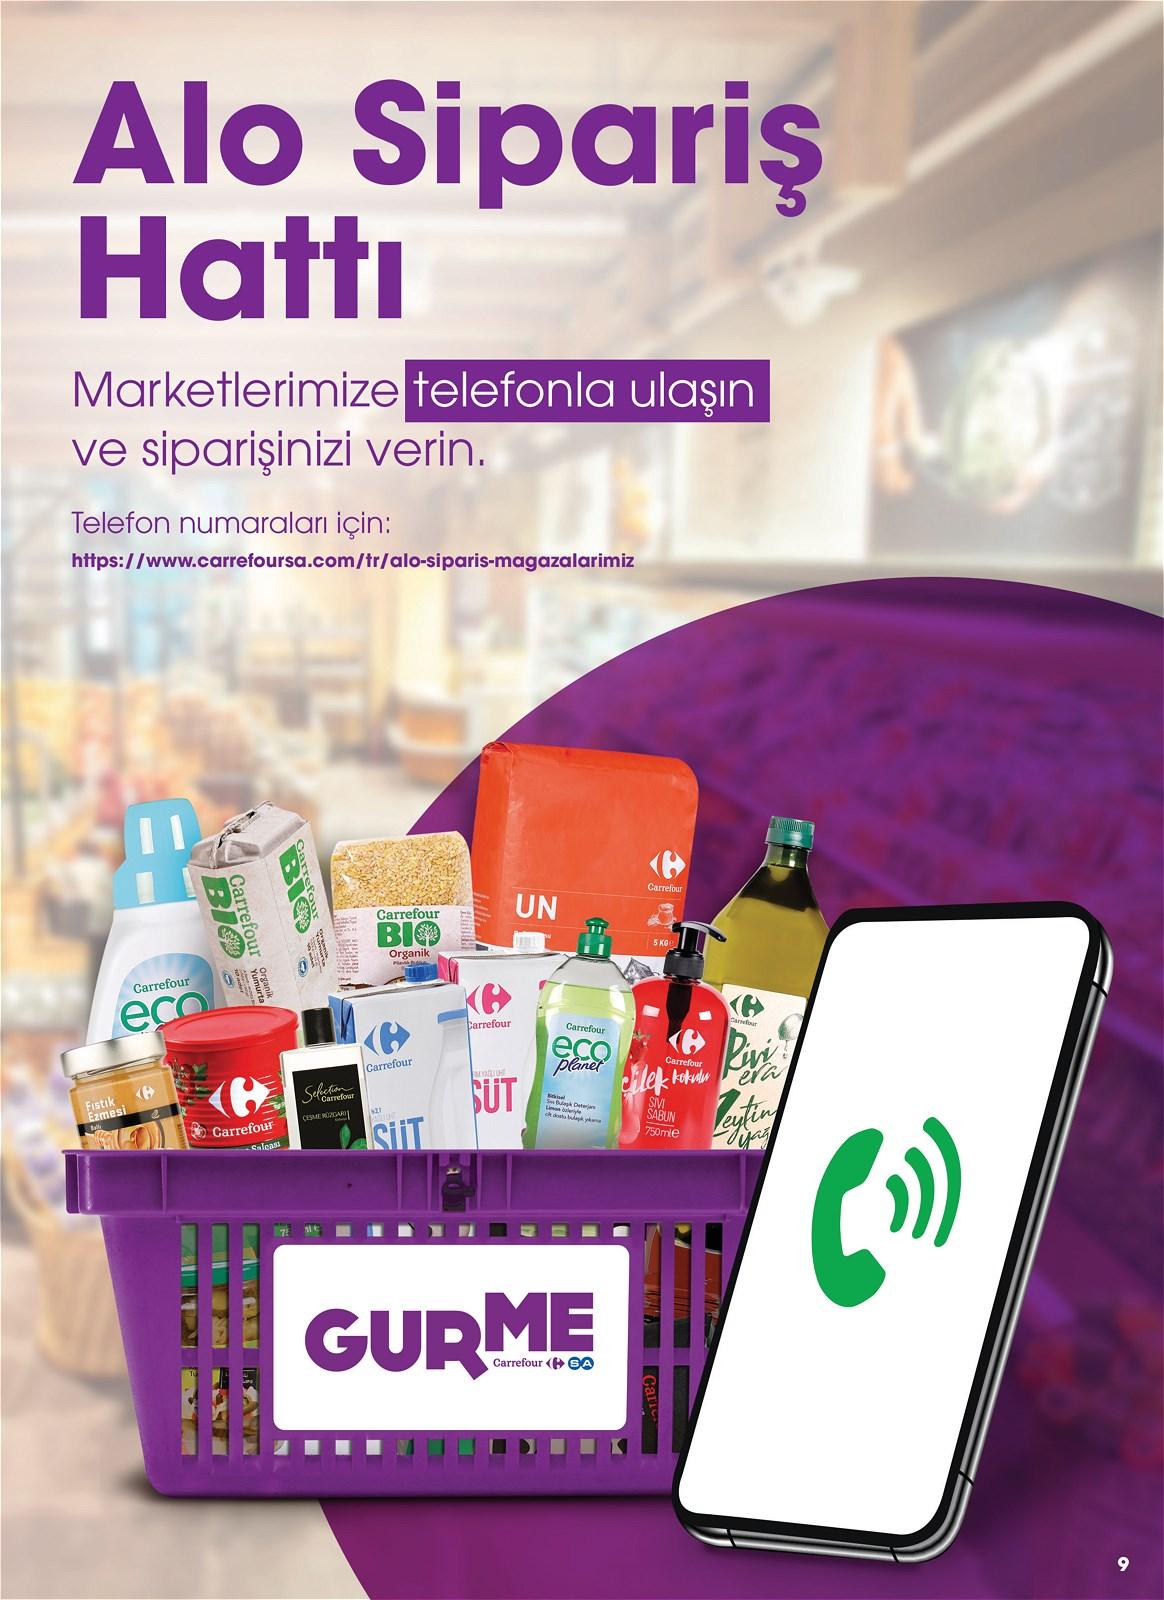 01.01.2021 CarrefourSA broşürü 9. sayfa